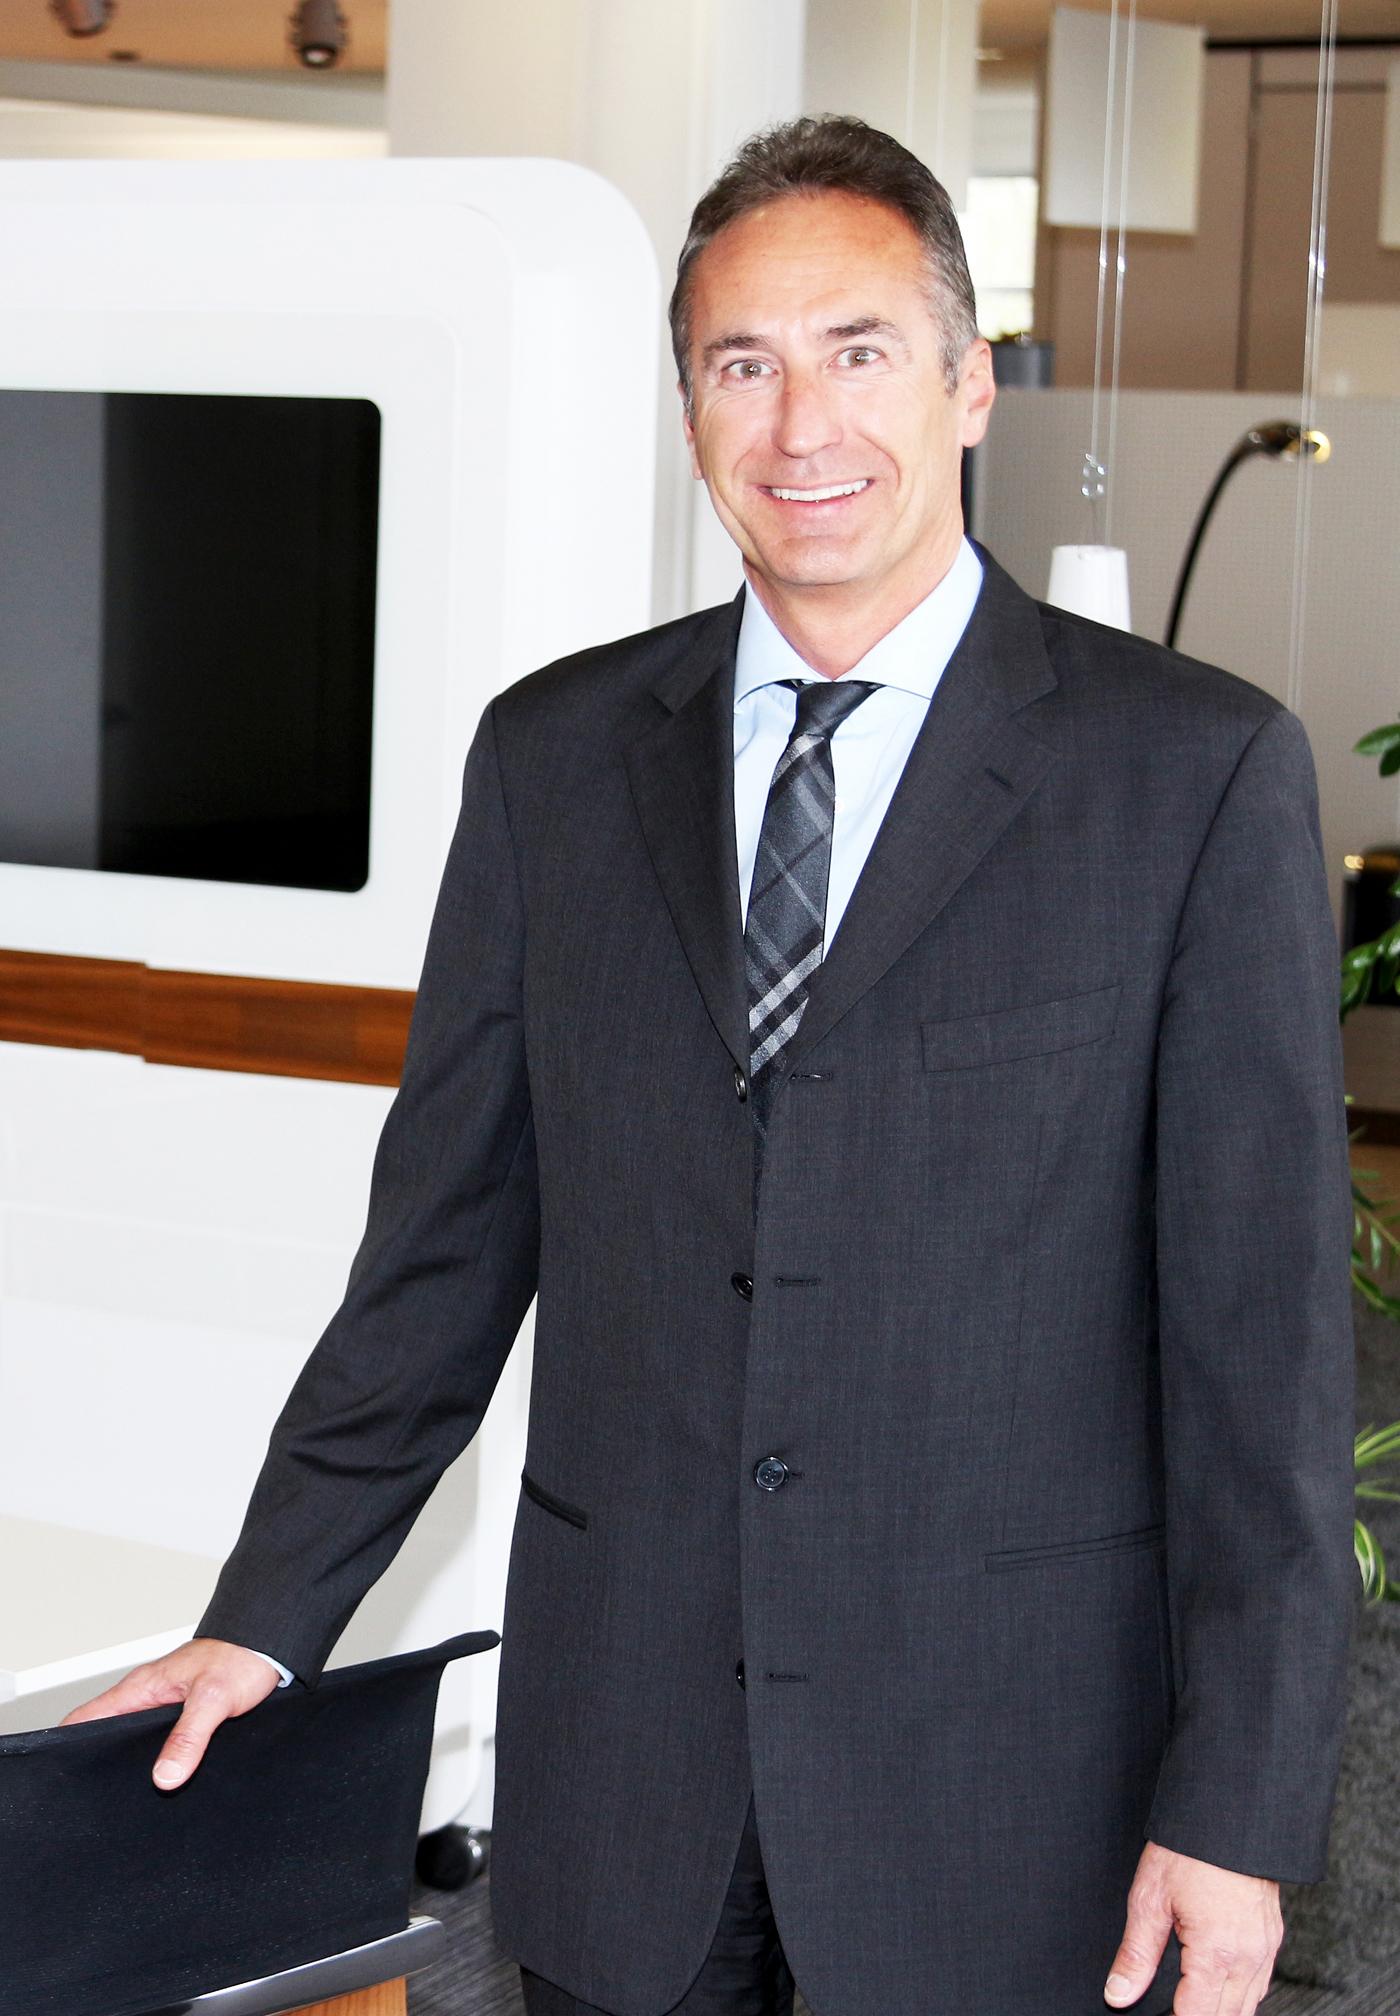 Sebastian Groesslhuber, Geschäftsführer, Kinnarps GmbH, Worms